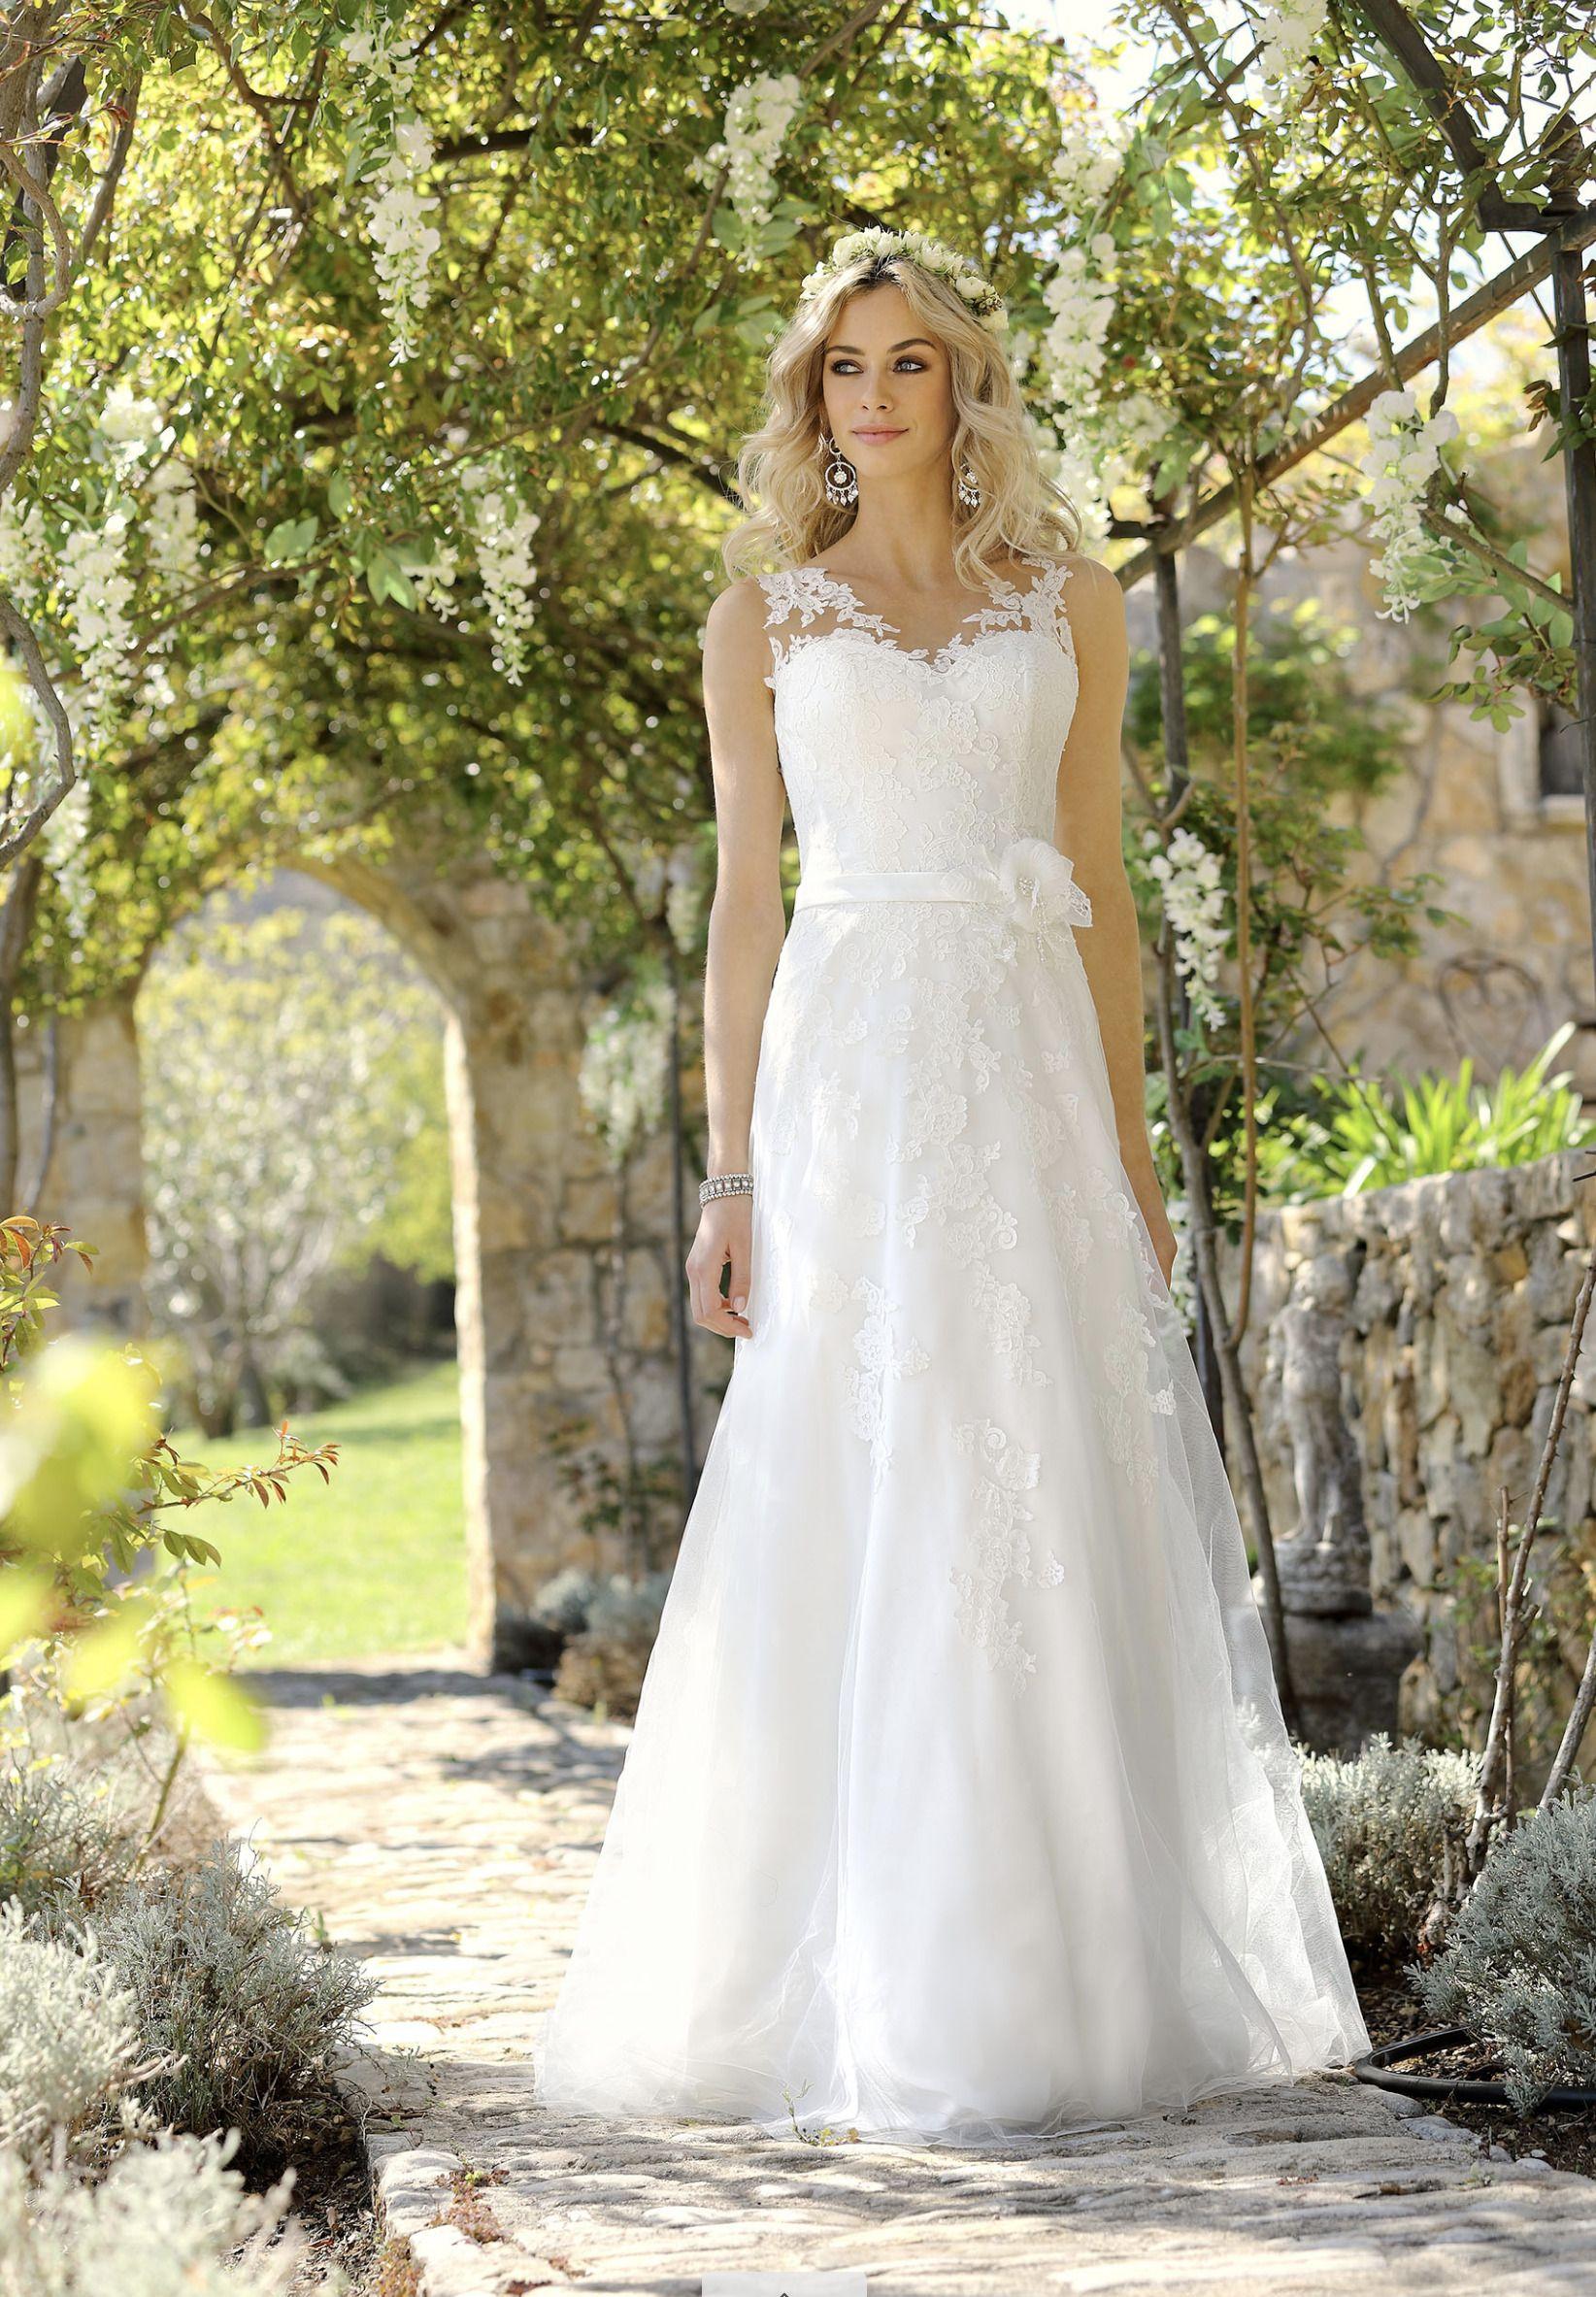 Tolles Brautkleid In A Linie Von Ladybird Brautkleid Bridalwear Ladybird Wedding Hochz Hochzeitskleider Vintage Brautkleid Vintage Hochzeitskleid Ladybird